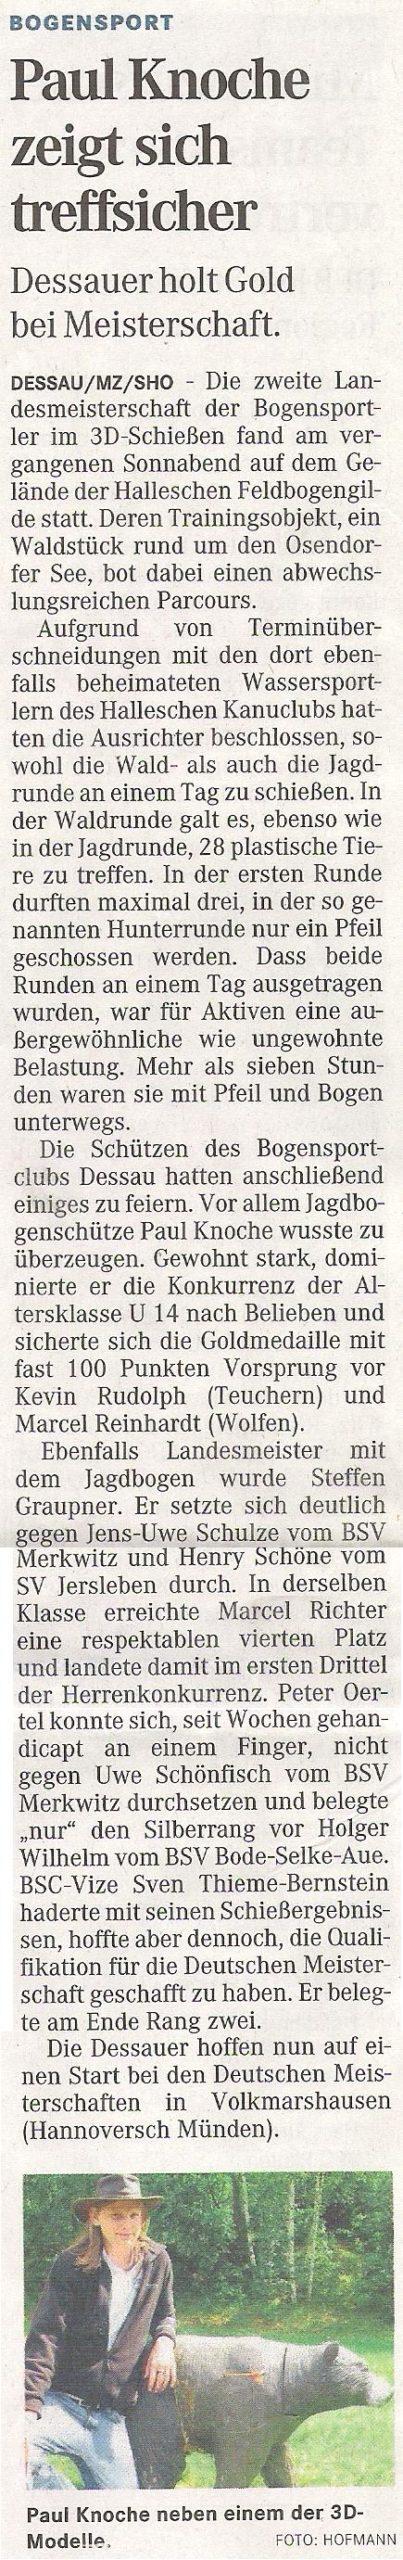 Landesmeisterschaft 3D – Mitteldeutsche Zeitung vom 22.06.2010